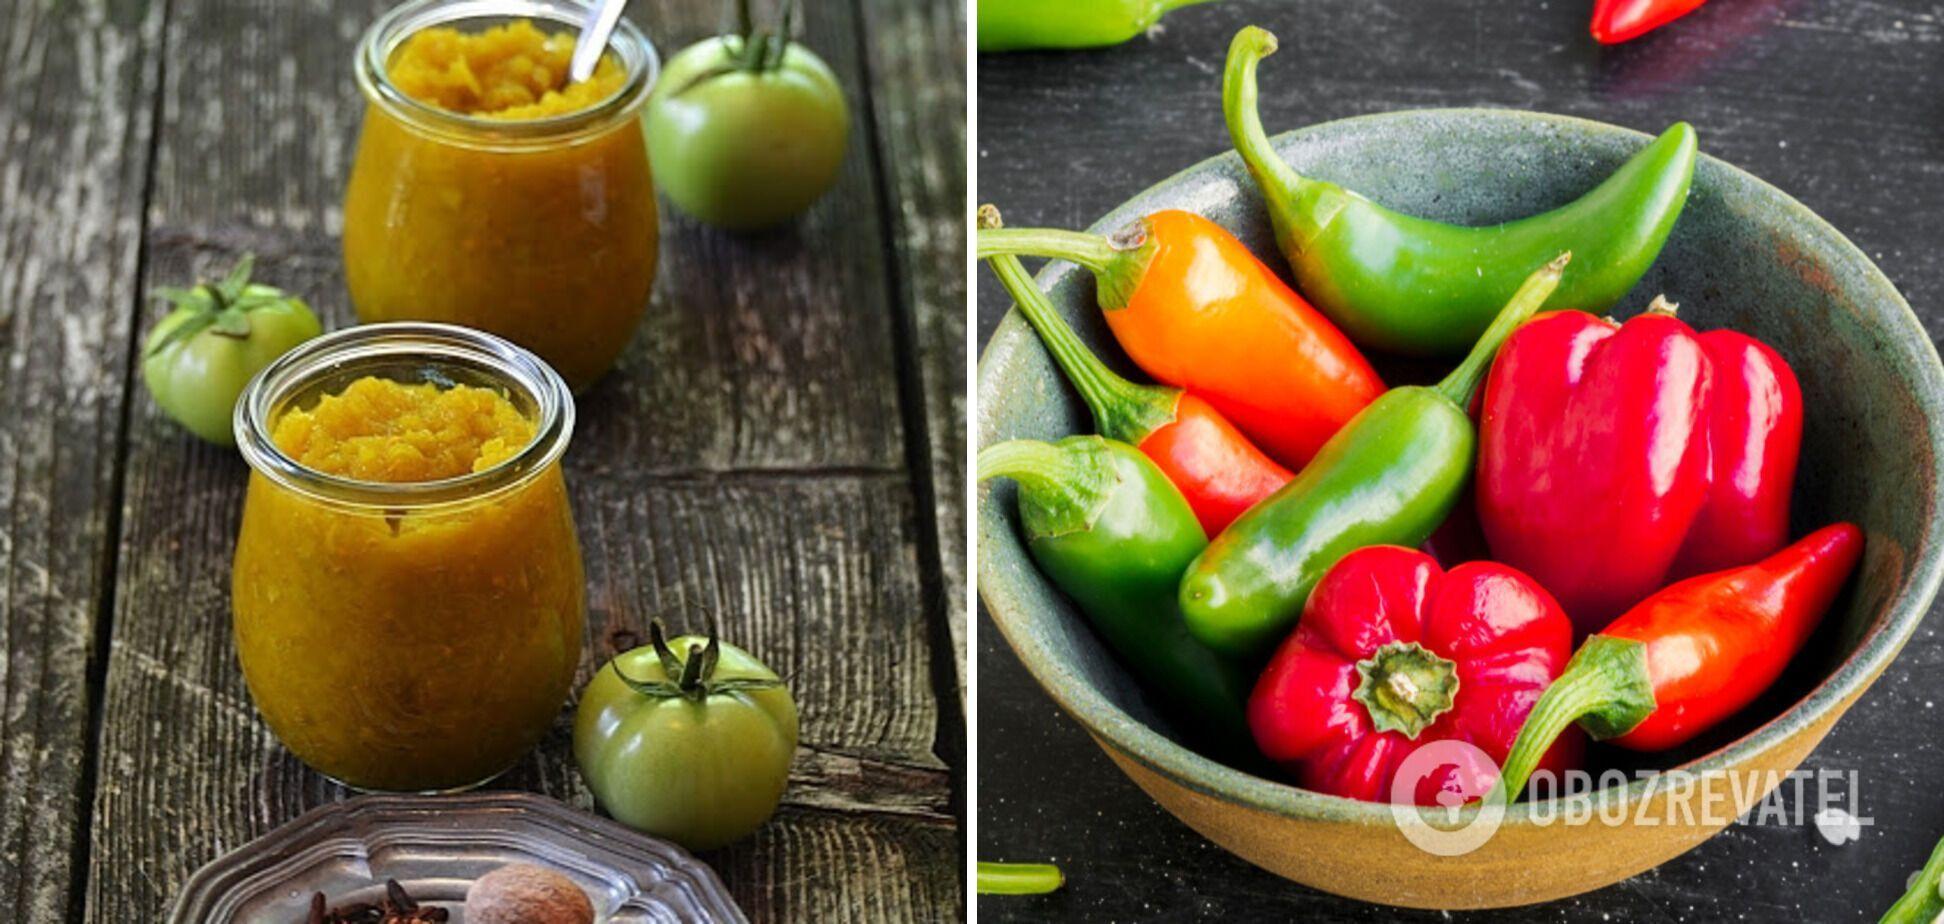 Кетчуп із зелених помідорів з перцем